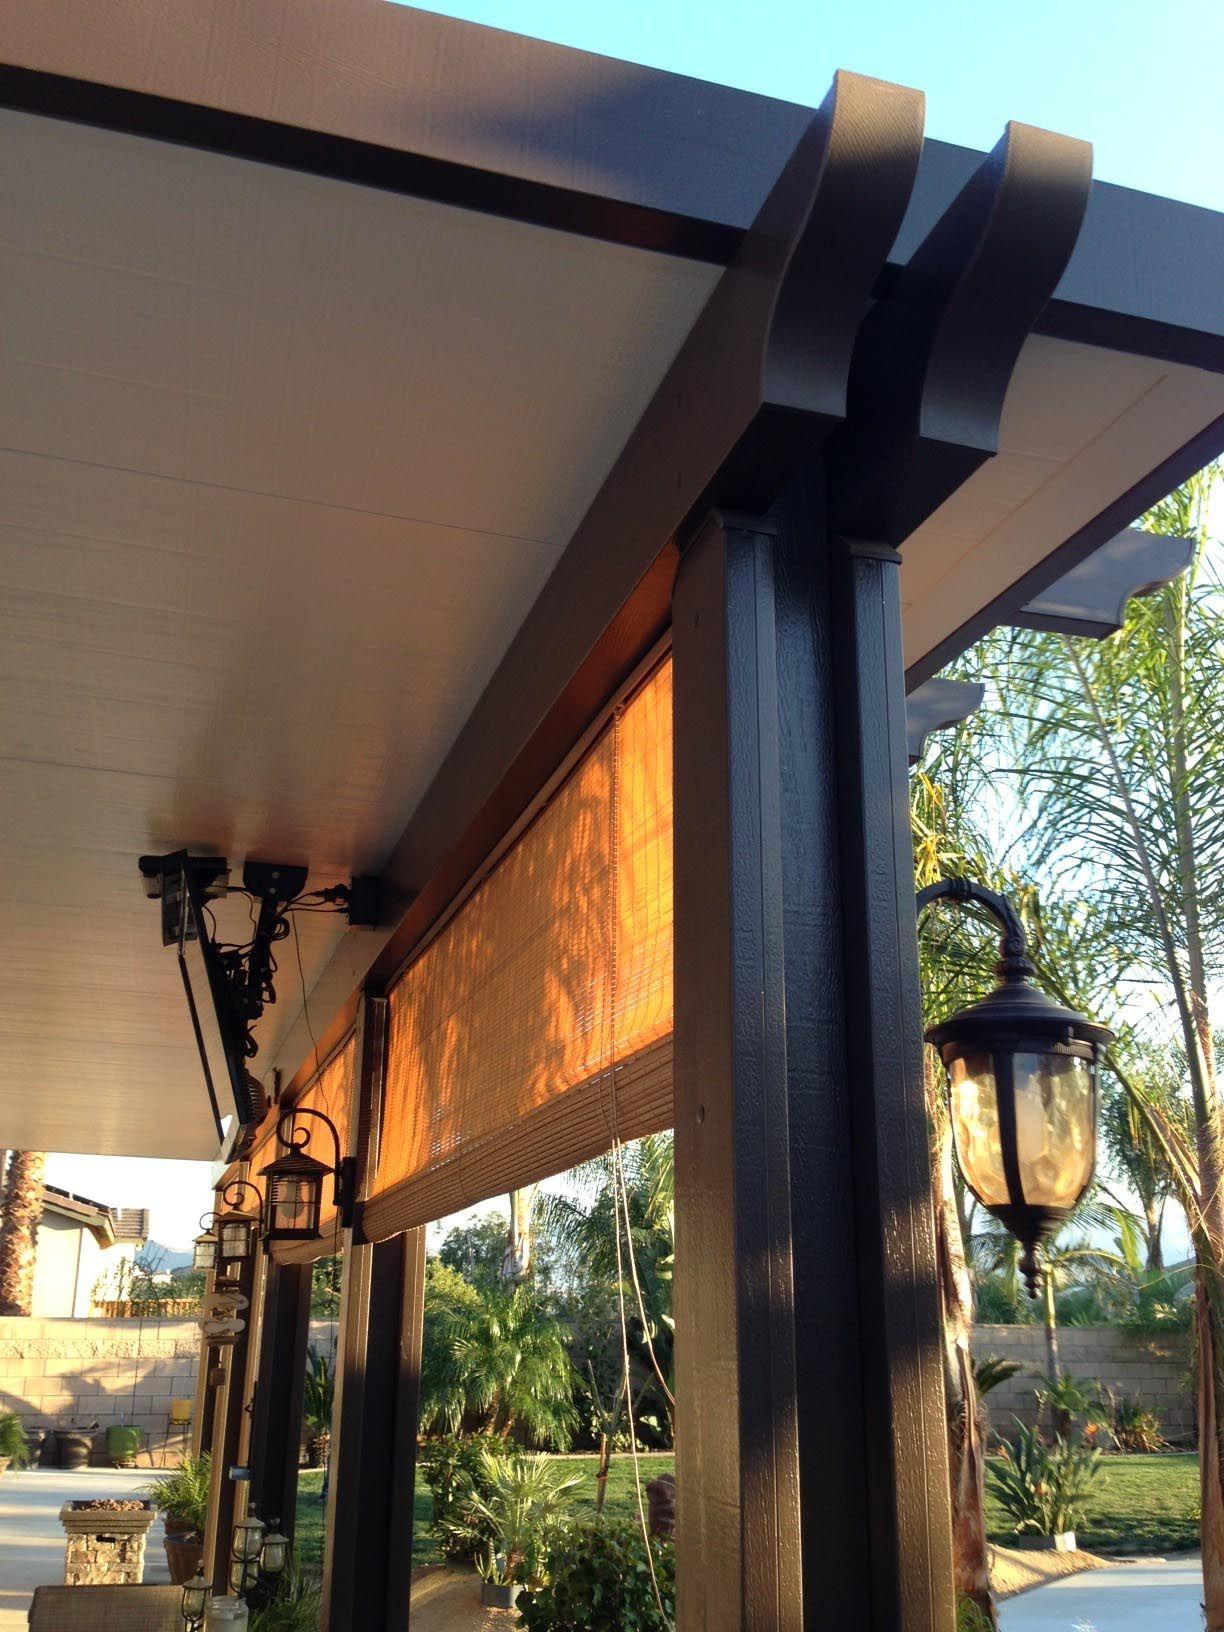 Alumawood Aluminum Pergola Kit Pergola, Aluminum patio